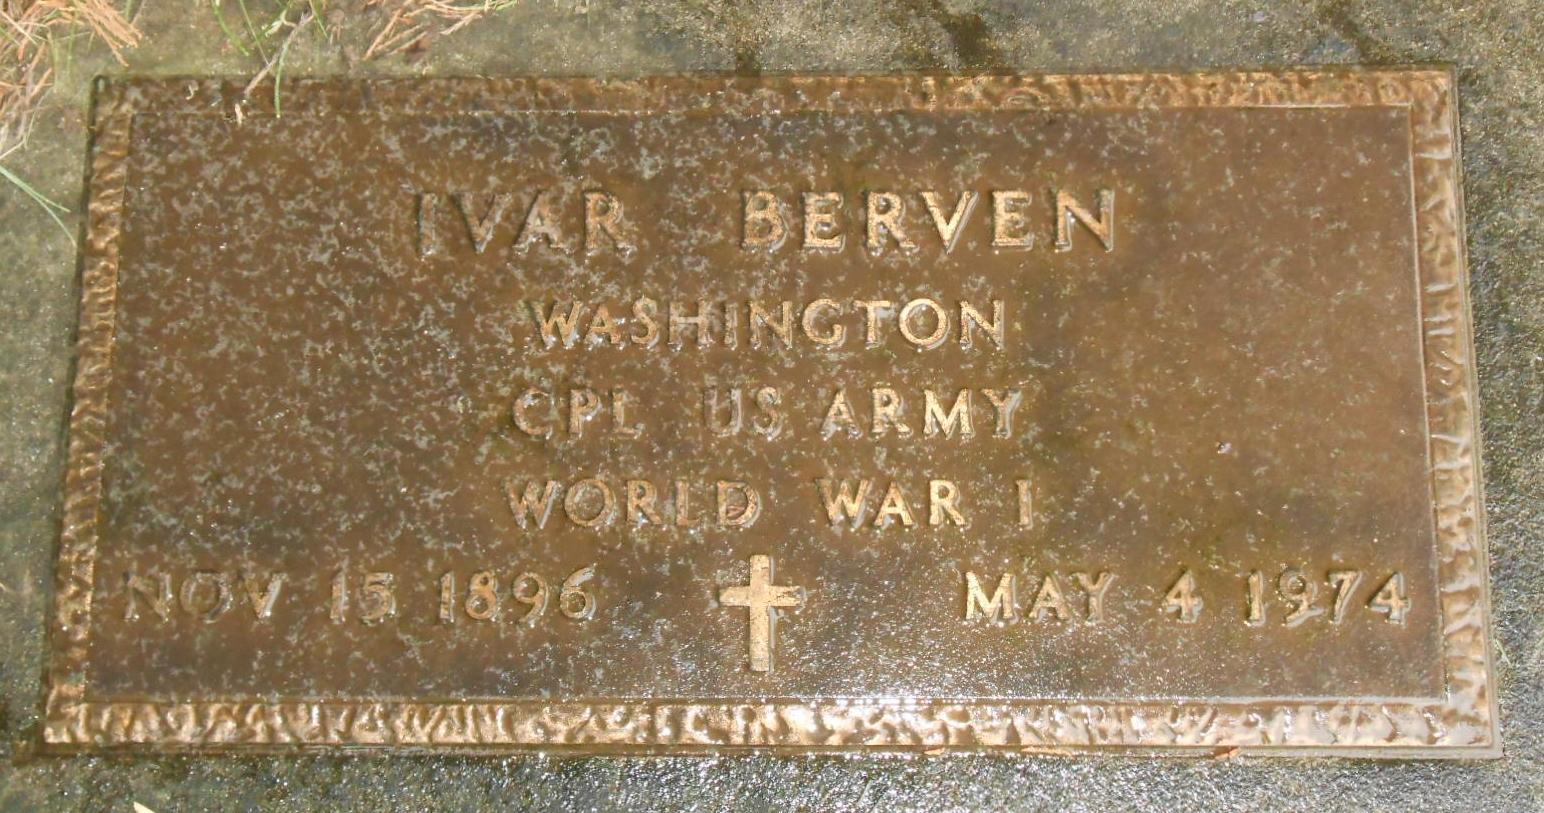 Ivar Berven